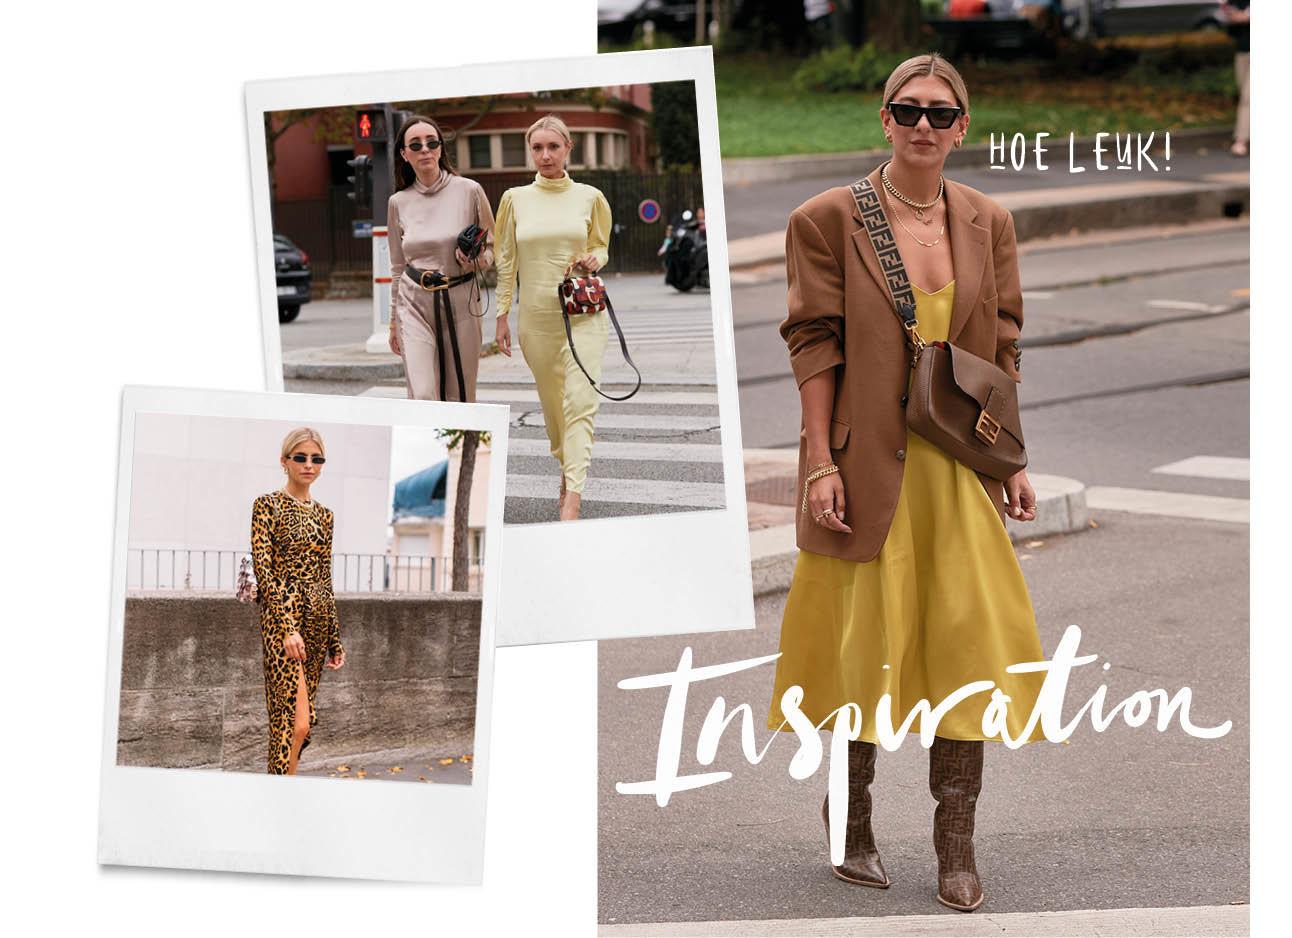 vrouw streetwear modemeisjes fashion rok zonnebril geel jasje tasje